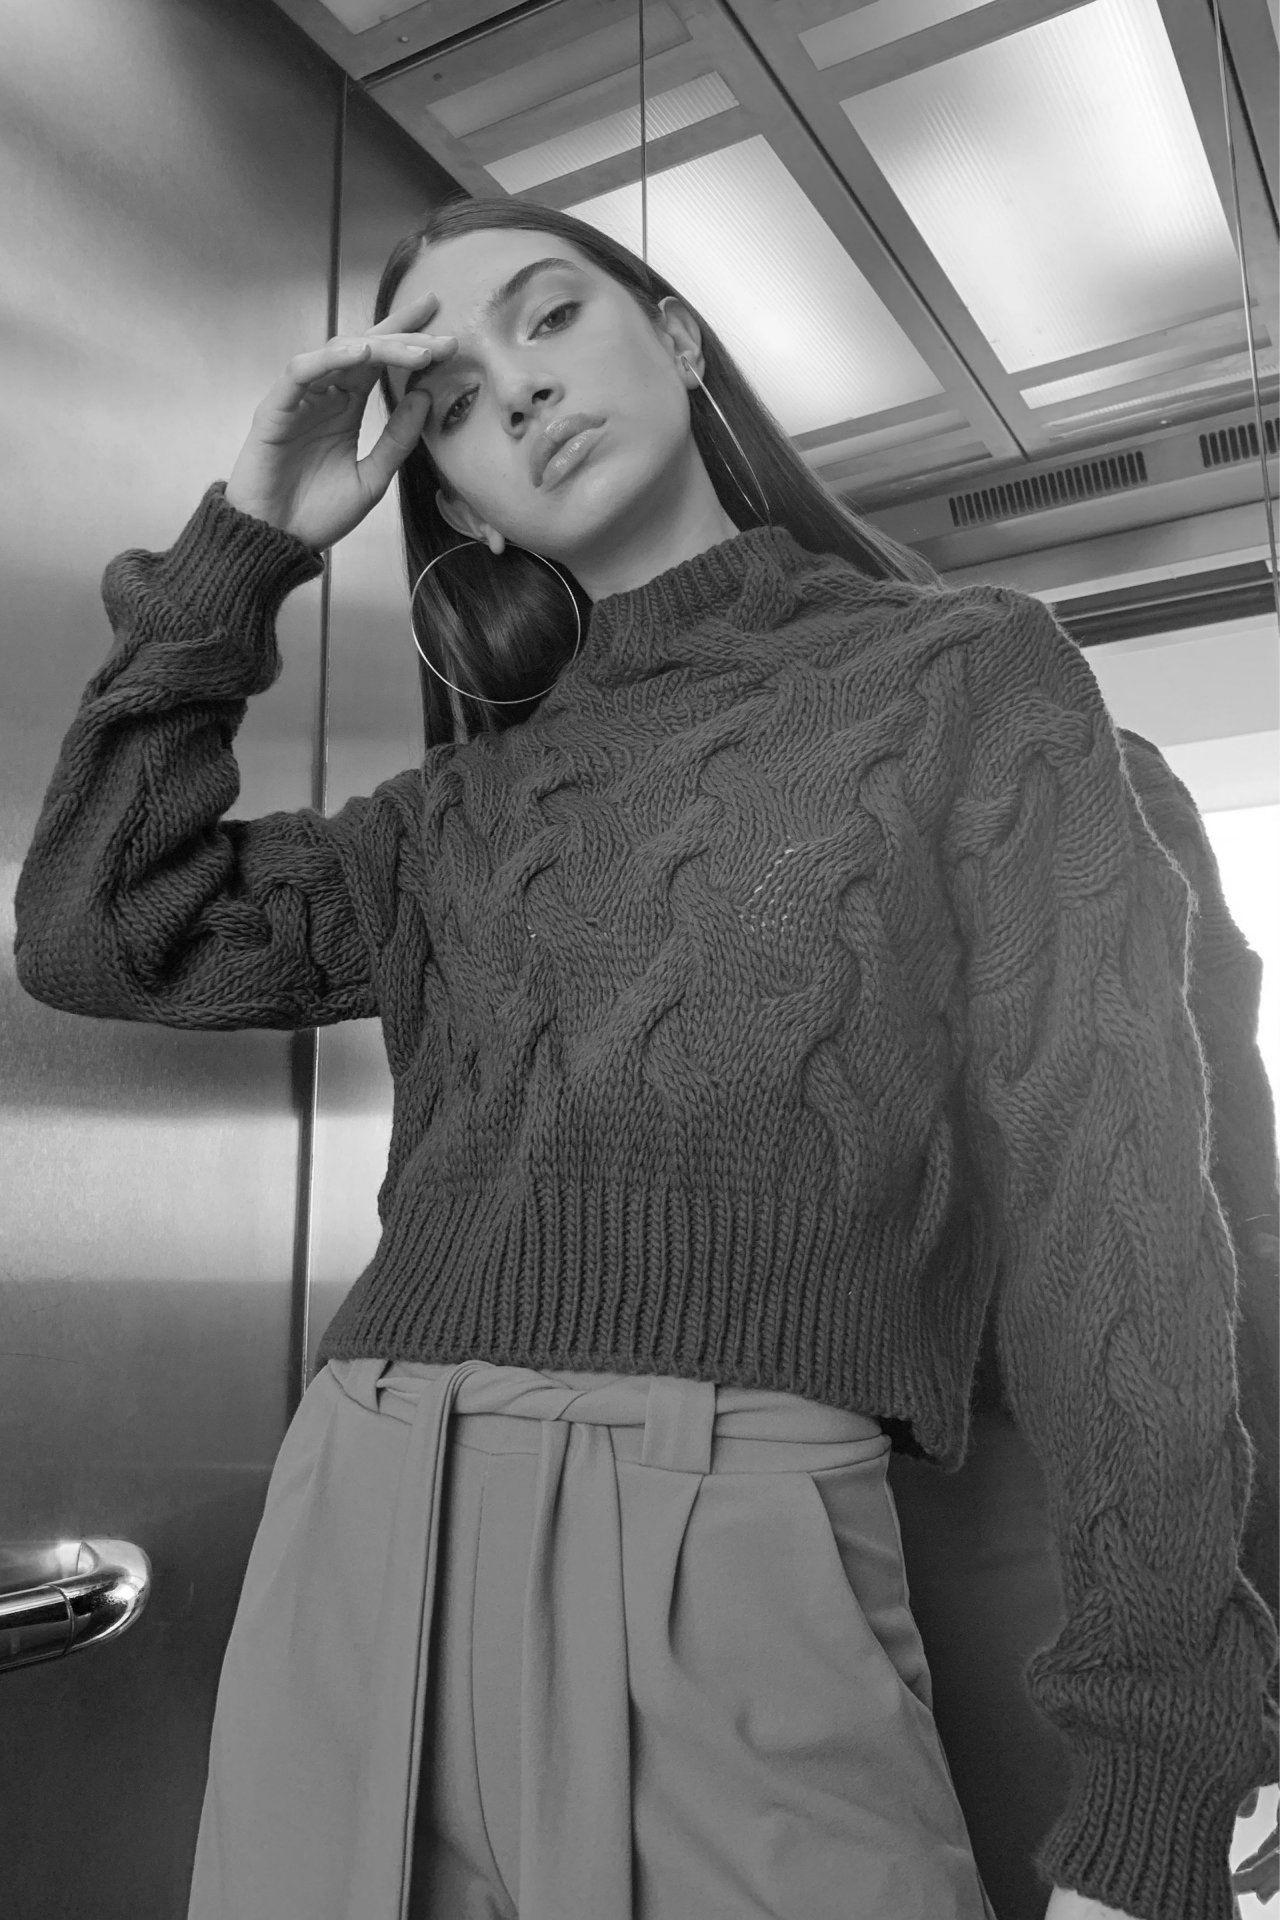 Sweater cuello alto, cropped y tejido trenzado.         Made in Italy                                                 Material & cuidado 85% Acrílico 15% Poliester Lavar en agua fría a mano  Medidas:  Cintura: 48 cm  Largo: 50 cm